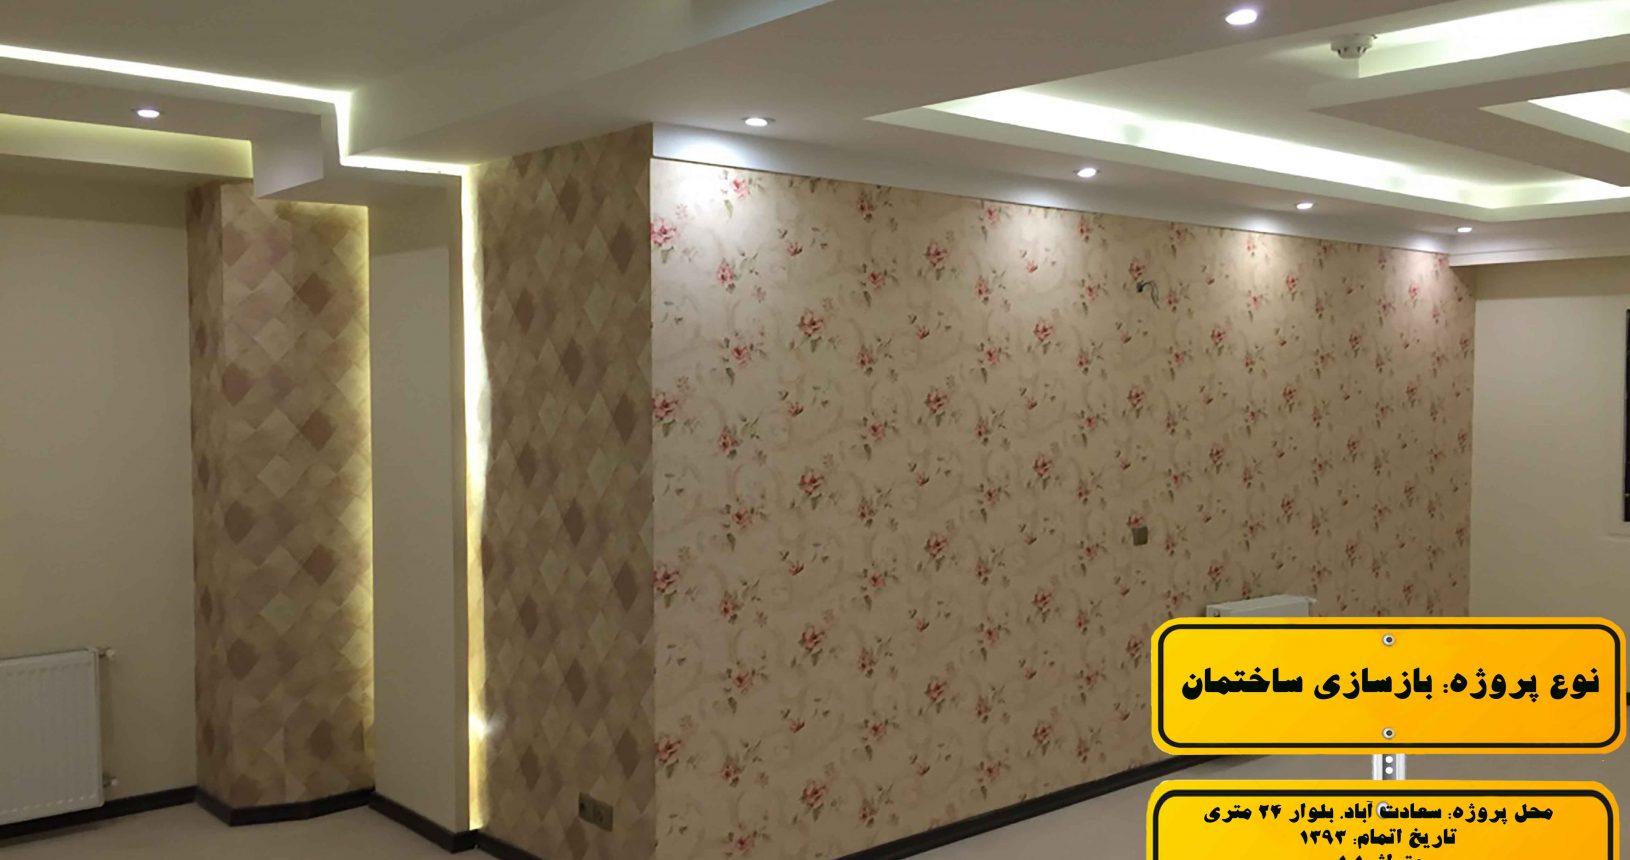 بازسازی ساختمان در تهران | بازسازی ساختمان | اوستاپ